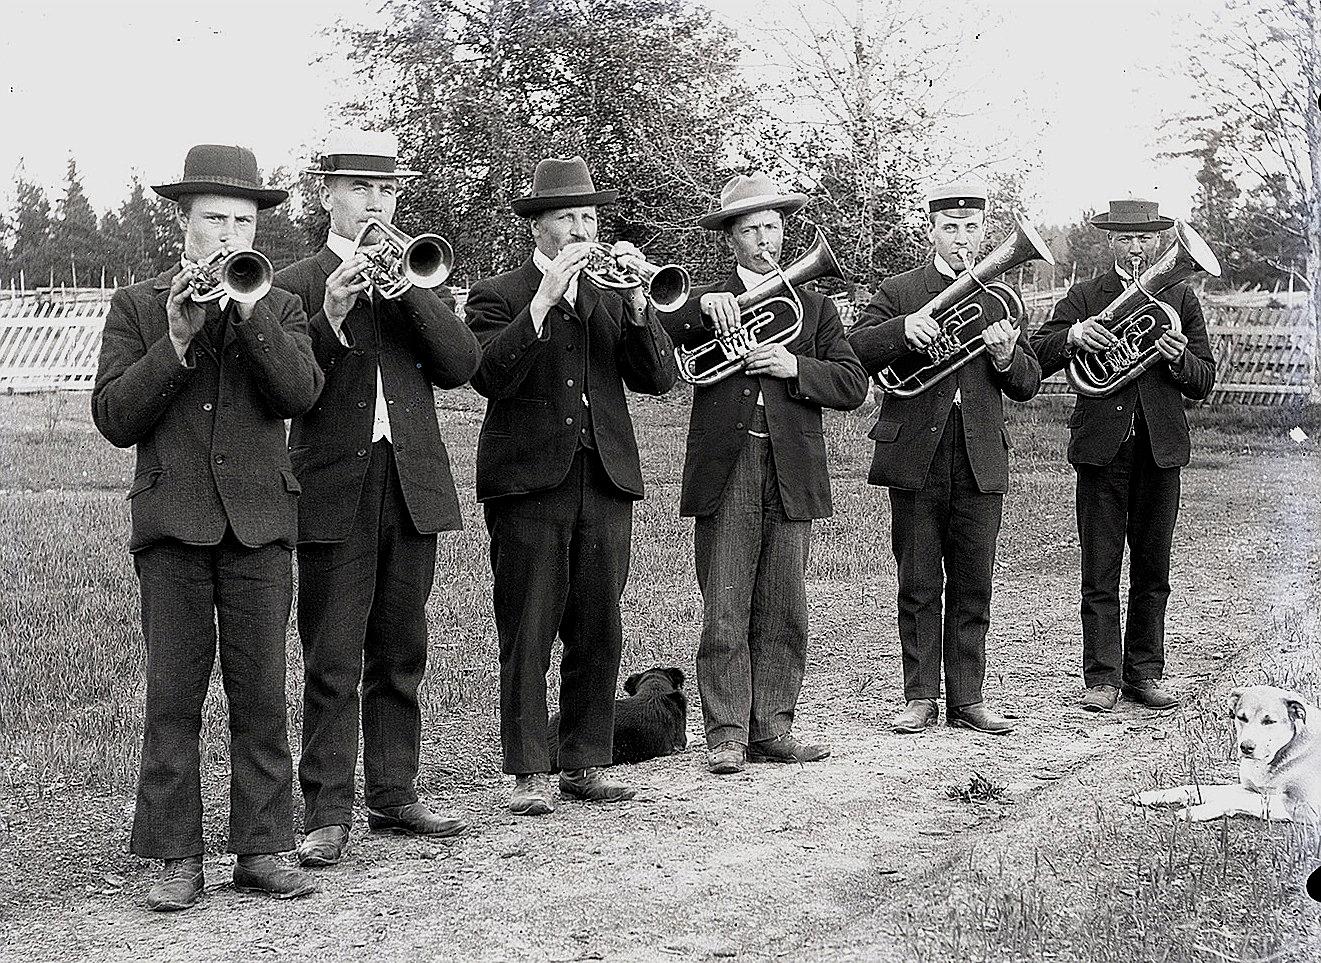 Erik Anders Englund, tredje från höger och brodern Viktor Nylund, tredje från vänster var så musikaliska att de fick vara med i den hornorkester som verkade i Dagsmark på 1920-1930-talet.